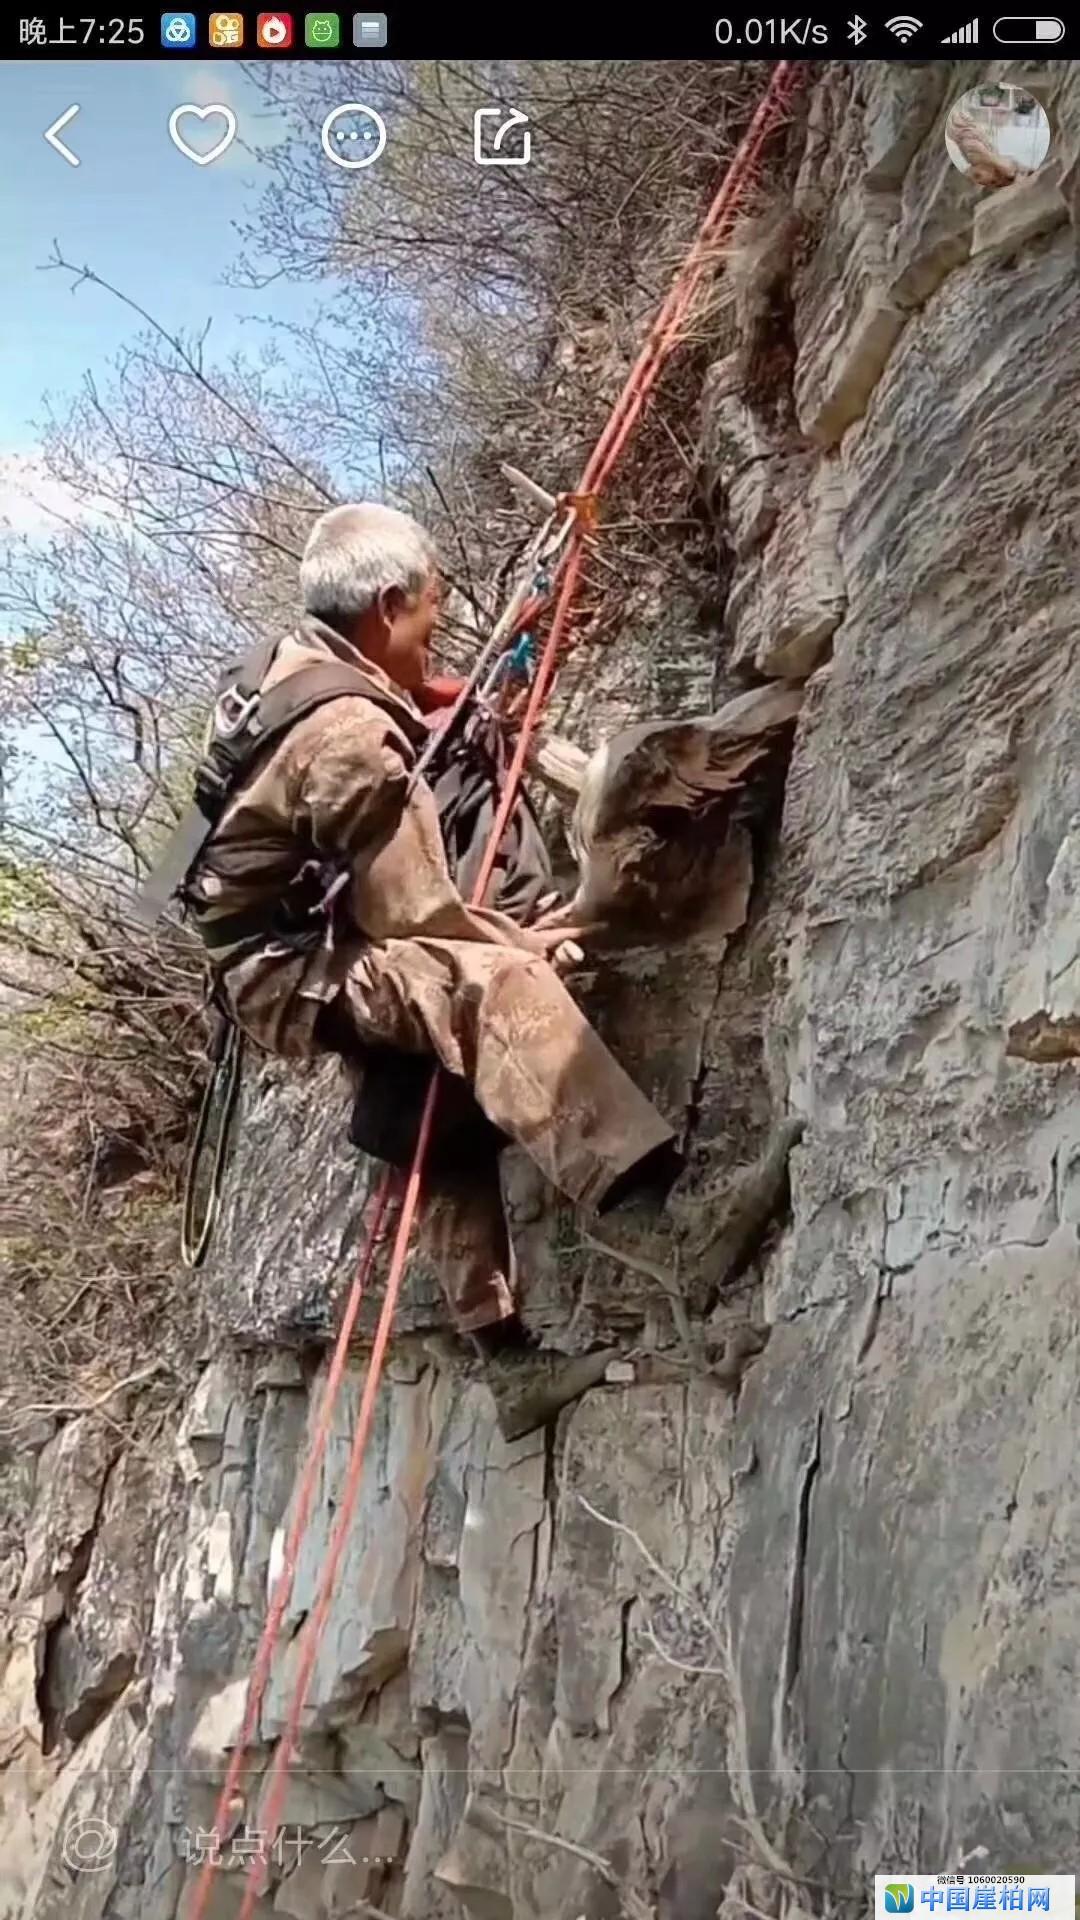 峭壁上的舞者,六旬老人峭壁采崖柏